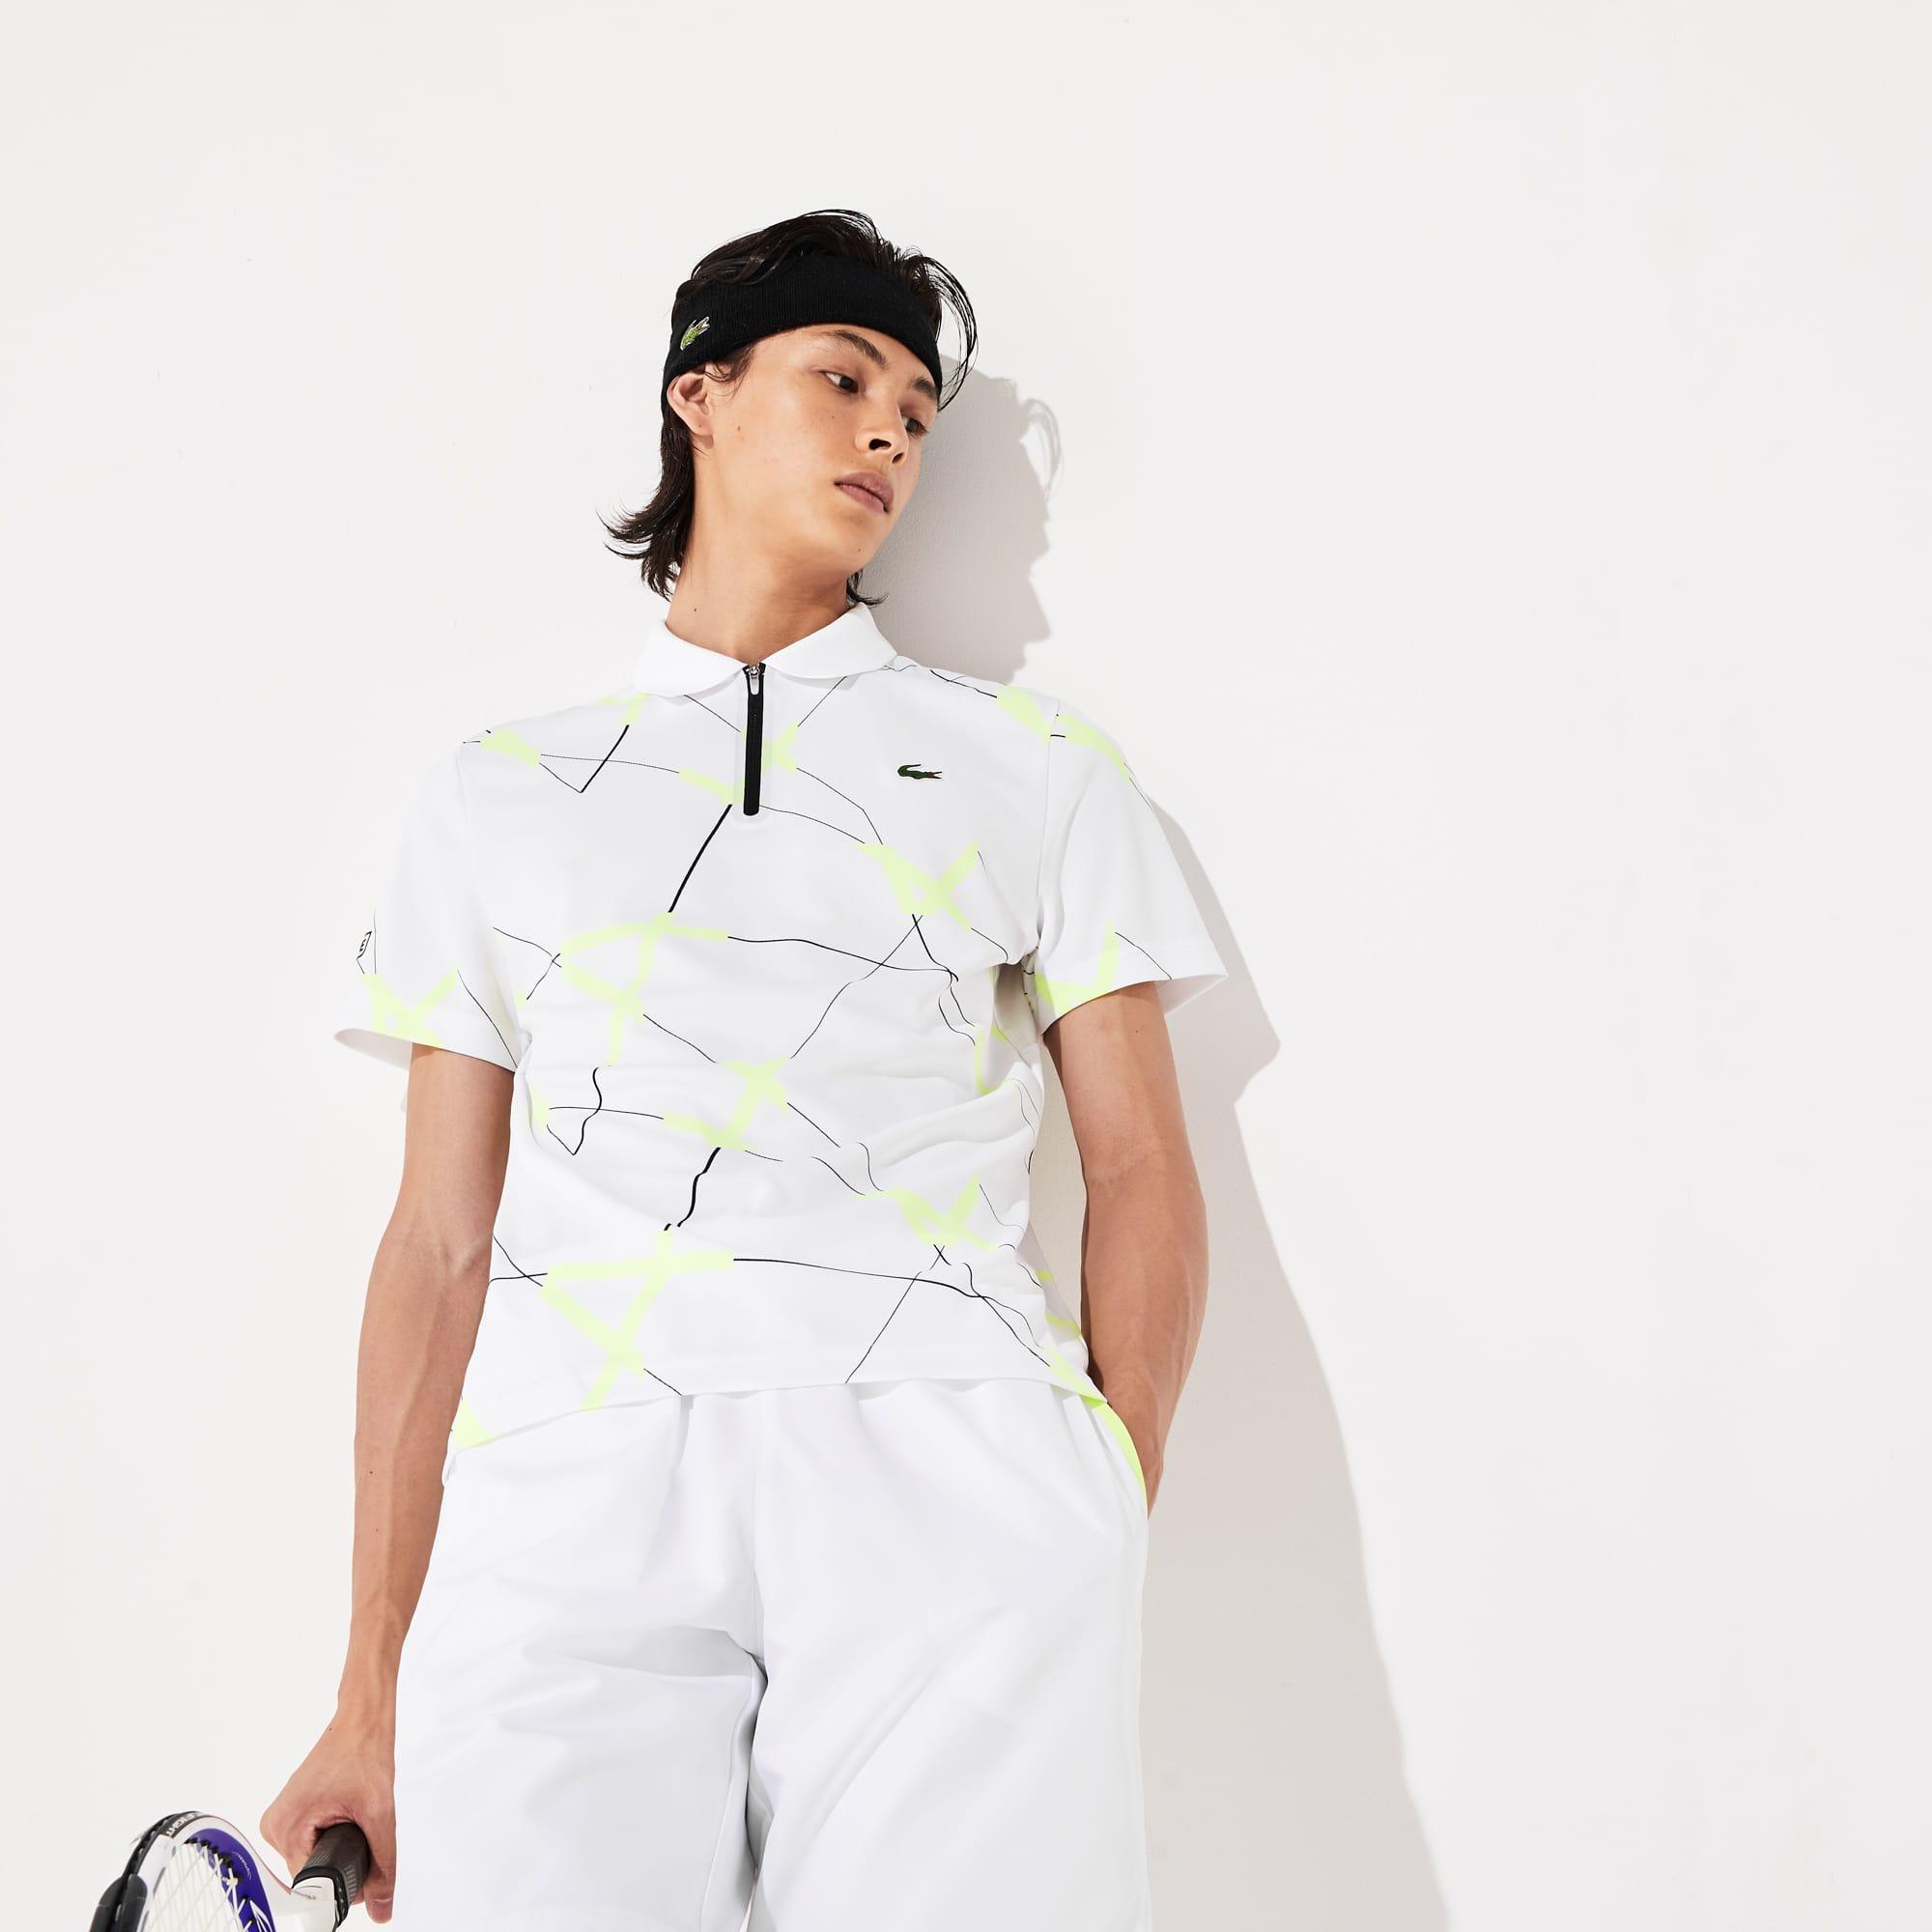 Polo Tennis Lacoste SPORT en piqué respirant à imprimé graphique Taille 3 - S Blanc / Noir / Jaune F